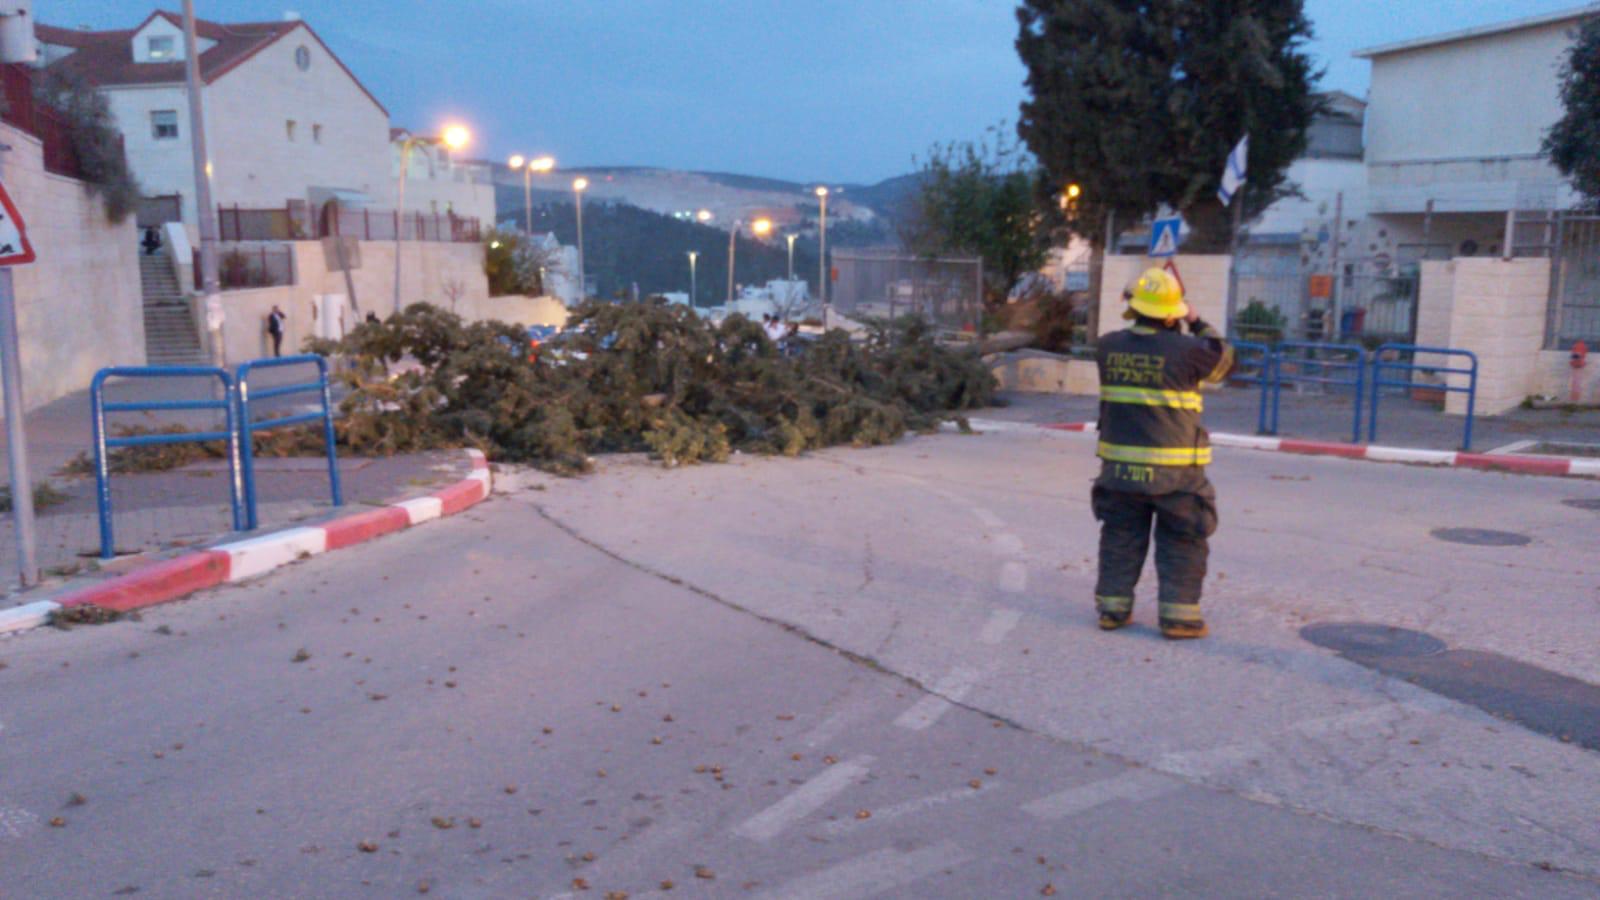 עצים קרסו בבית שמש (צילום: דוברות כבאות והצלה בית שמש)